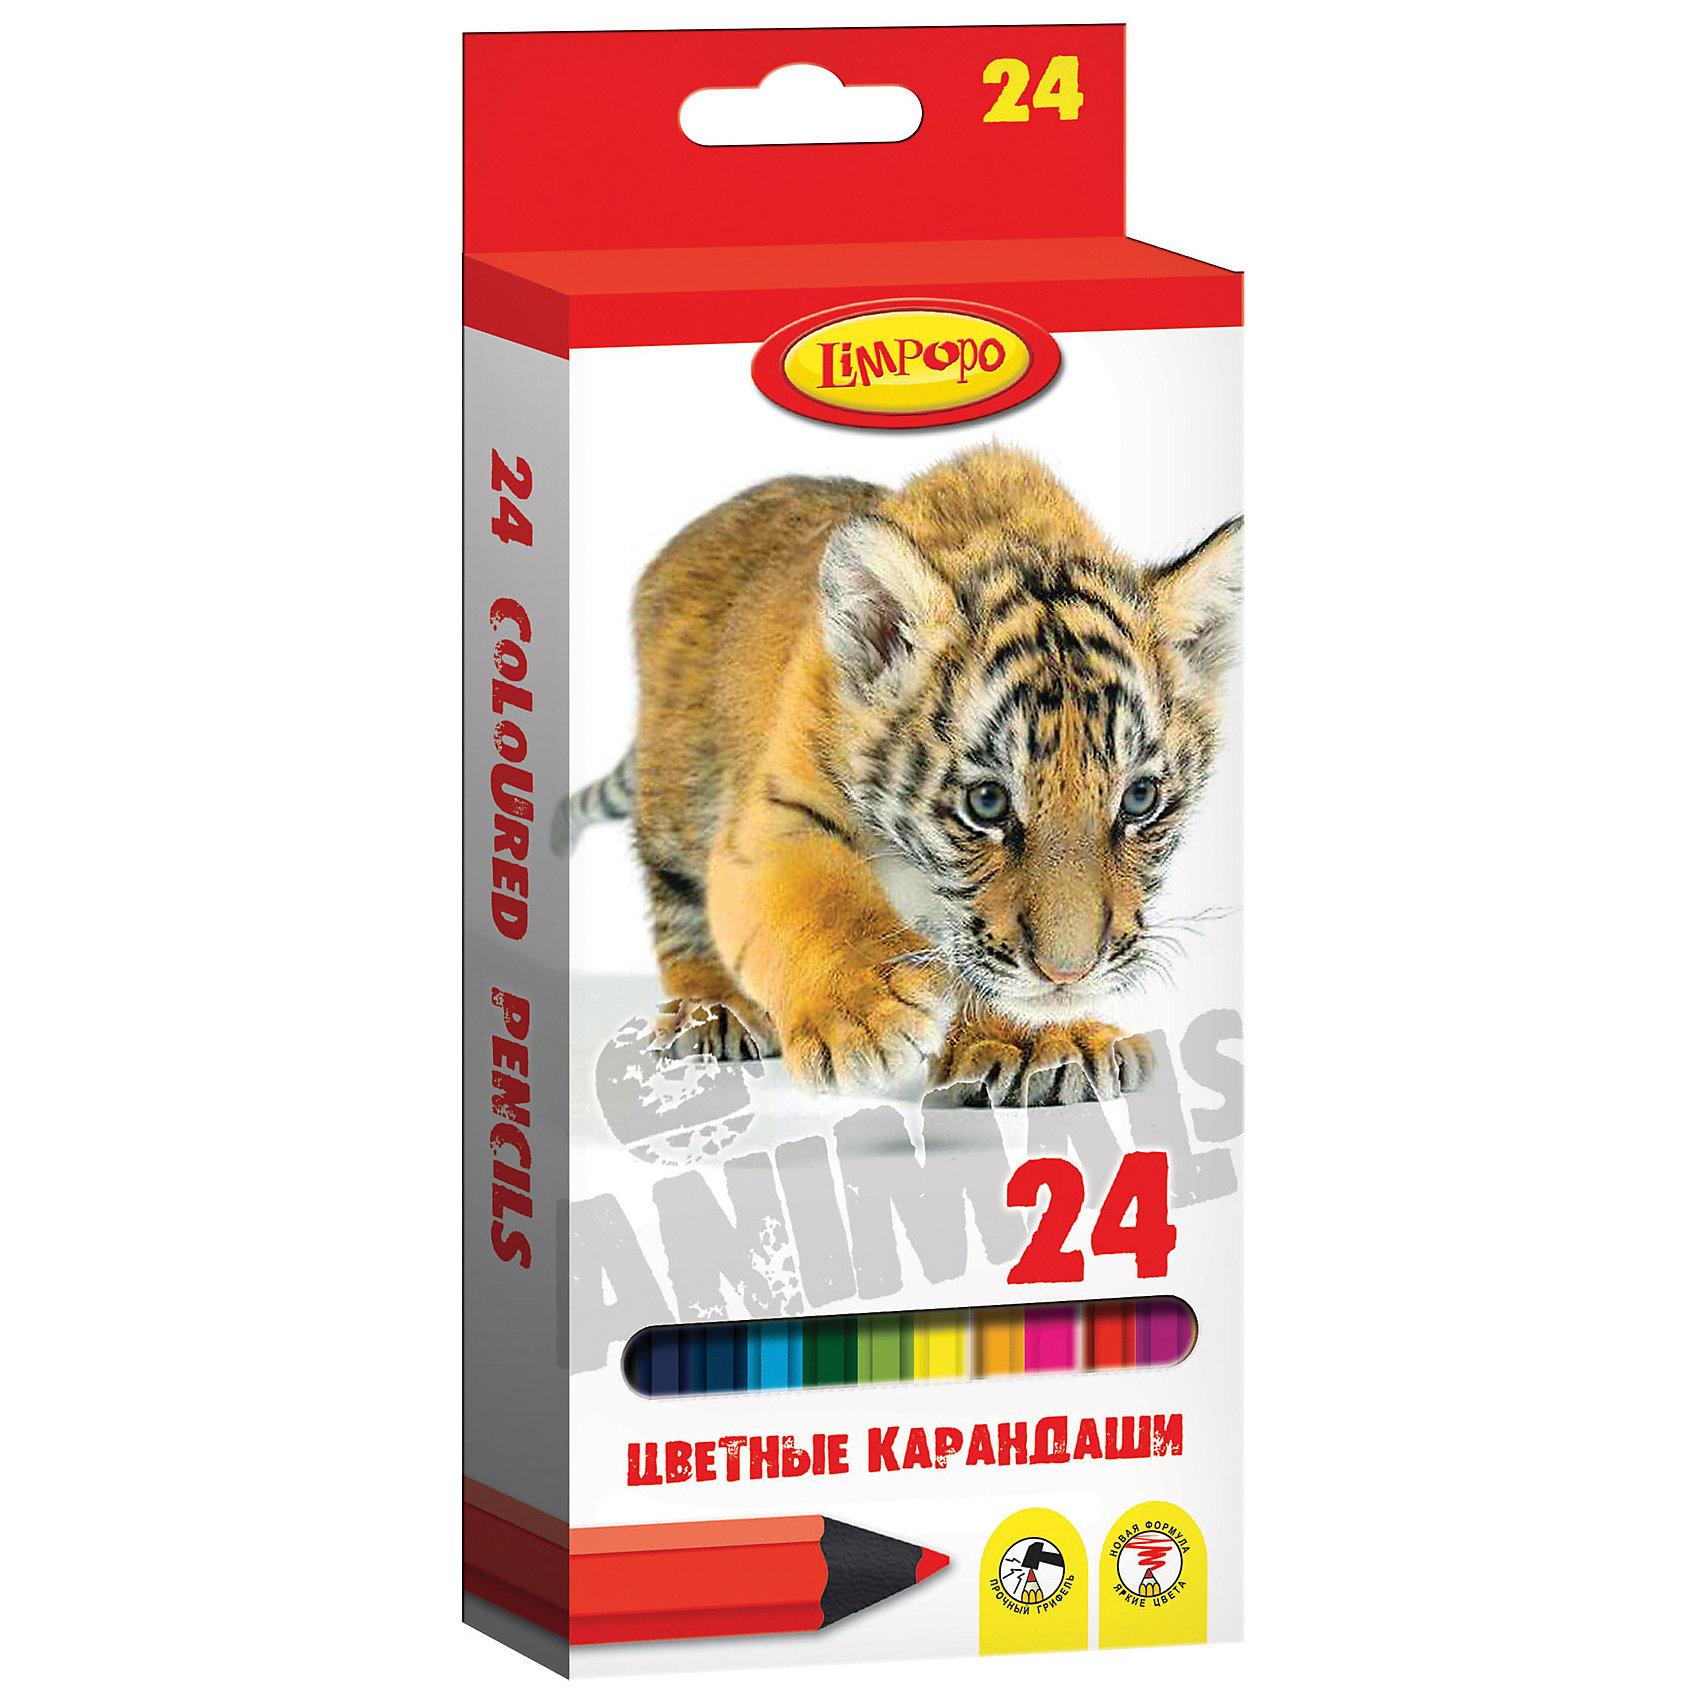 Цветные карандаши Хищники 24 цветаХарактеристики цветных карандашей Хищники:<br><br>• материал: картон, пластик, графит<br>• размер упаковки в 21х2х9 см<br>• вес товара 152 г<br>• категория товара: карандаши цветные 24 цвета<br>• бренд: Limpopo<br>• страна производитель: Китай<br><br>Карандаши 24 цвета Хищники, пластиковый корпус — это настоящая находка для начинающего художника. Они имеют качественные стержни, не стираются и не выцветают со временем. А большая цветовая палитра позволит изобразить мир на бумаге в ярких тонах. Ваш ребенок будет в восторге!<br><br>Цветные карандаши Хищники от торговой марки Limpopo можно купить в нашем интернет-магазине.<br><br>Ширина мм: 8<br>Глубина мм: 200<br>Высота мм: 90<br>Вес г: 150<br>Возраст от месяцев: 48<br>Возраст до месяцев: 144<br>Пол: Унисекс<br>Возраст: Детский<br>SKU: 5390289